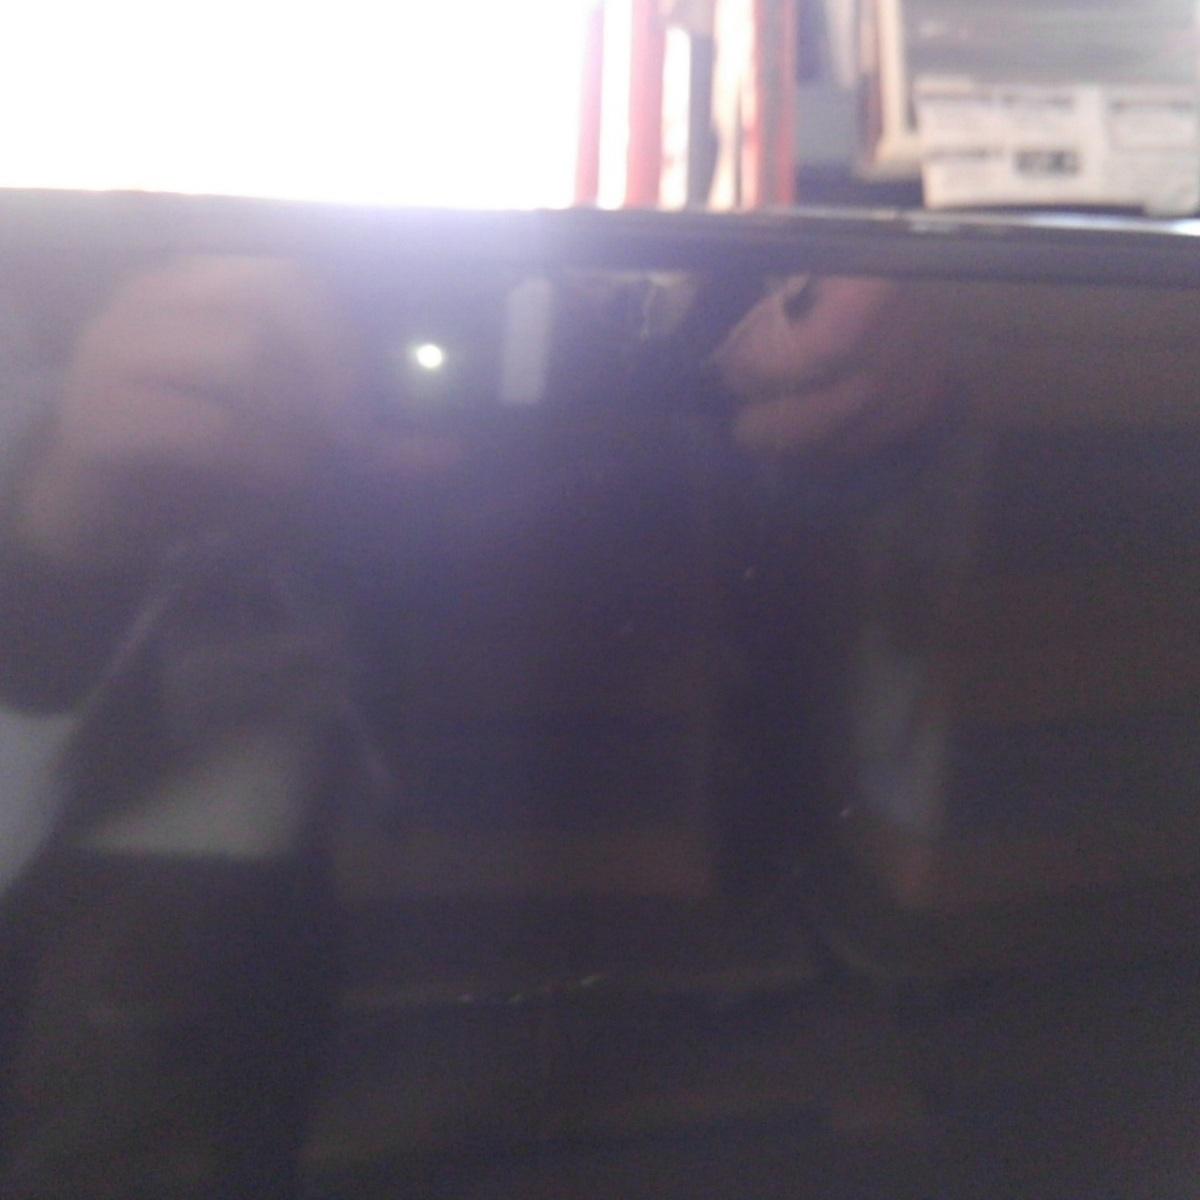 【中古:商品説明欄必読】シャープ 液晶テレビ 4T-C60BH1_画像1